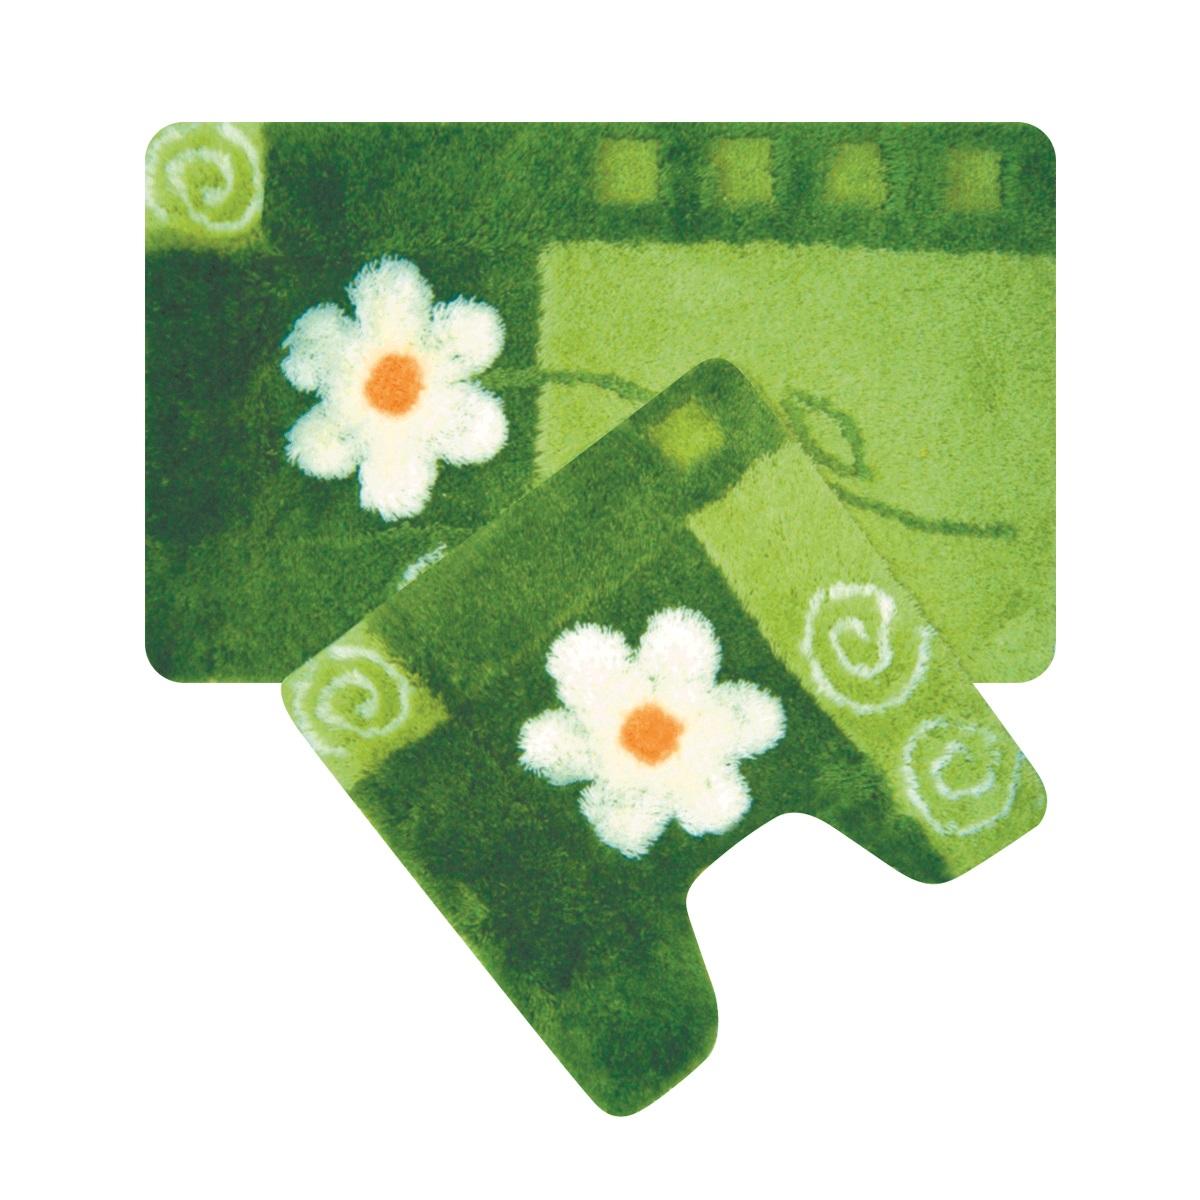 Набор ковриков для ванной Iddis Set Acrylic, цвет: зеленый, 50 х 80 см, 50 х 50 см, 2 штMID140ASНабор ковриков для ванной комнаты и туалета Iddis выполнен из акрила. Коврики имеют специальную латексную основу, благодаря которой они не скользят на напольных покрытия в ванной, что обеспечивает безопасность во время использования. Коврики изготавливаются по специальным технологиям машинного ручного тафтинга, что гарантирует высокое качество и долговечность.Высота ворса: от 1,5 до 2,5 см.